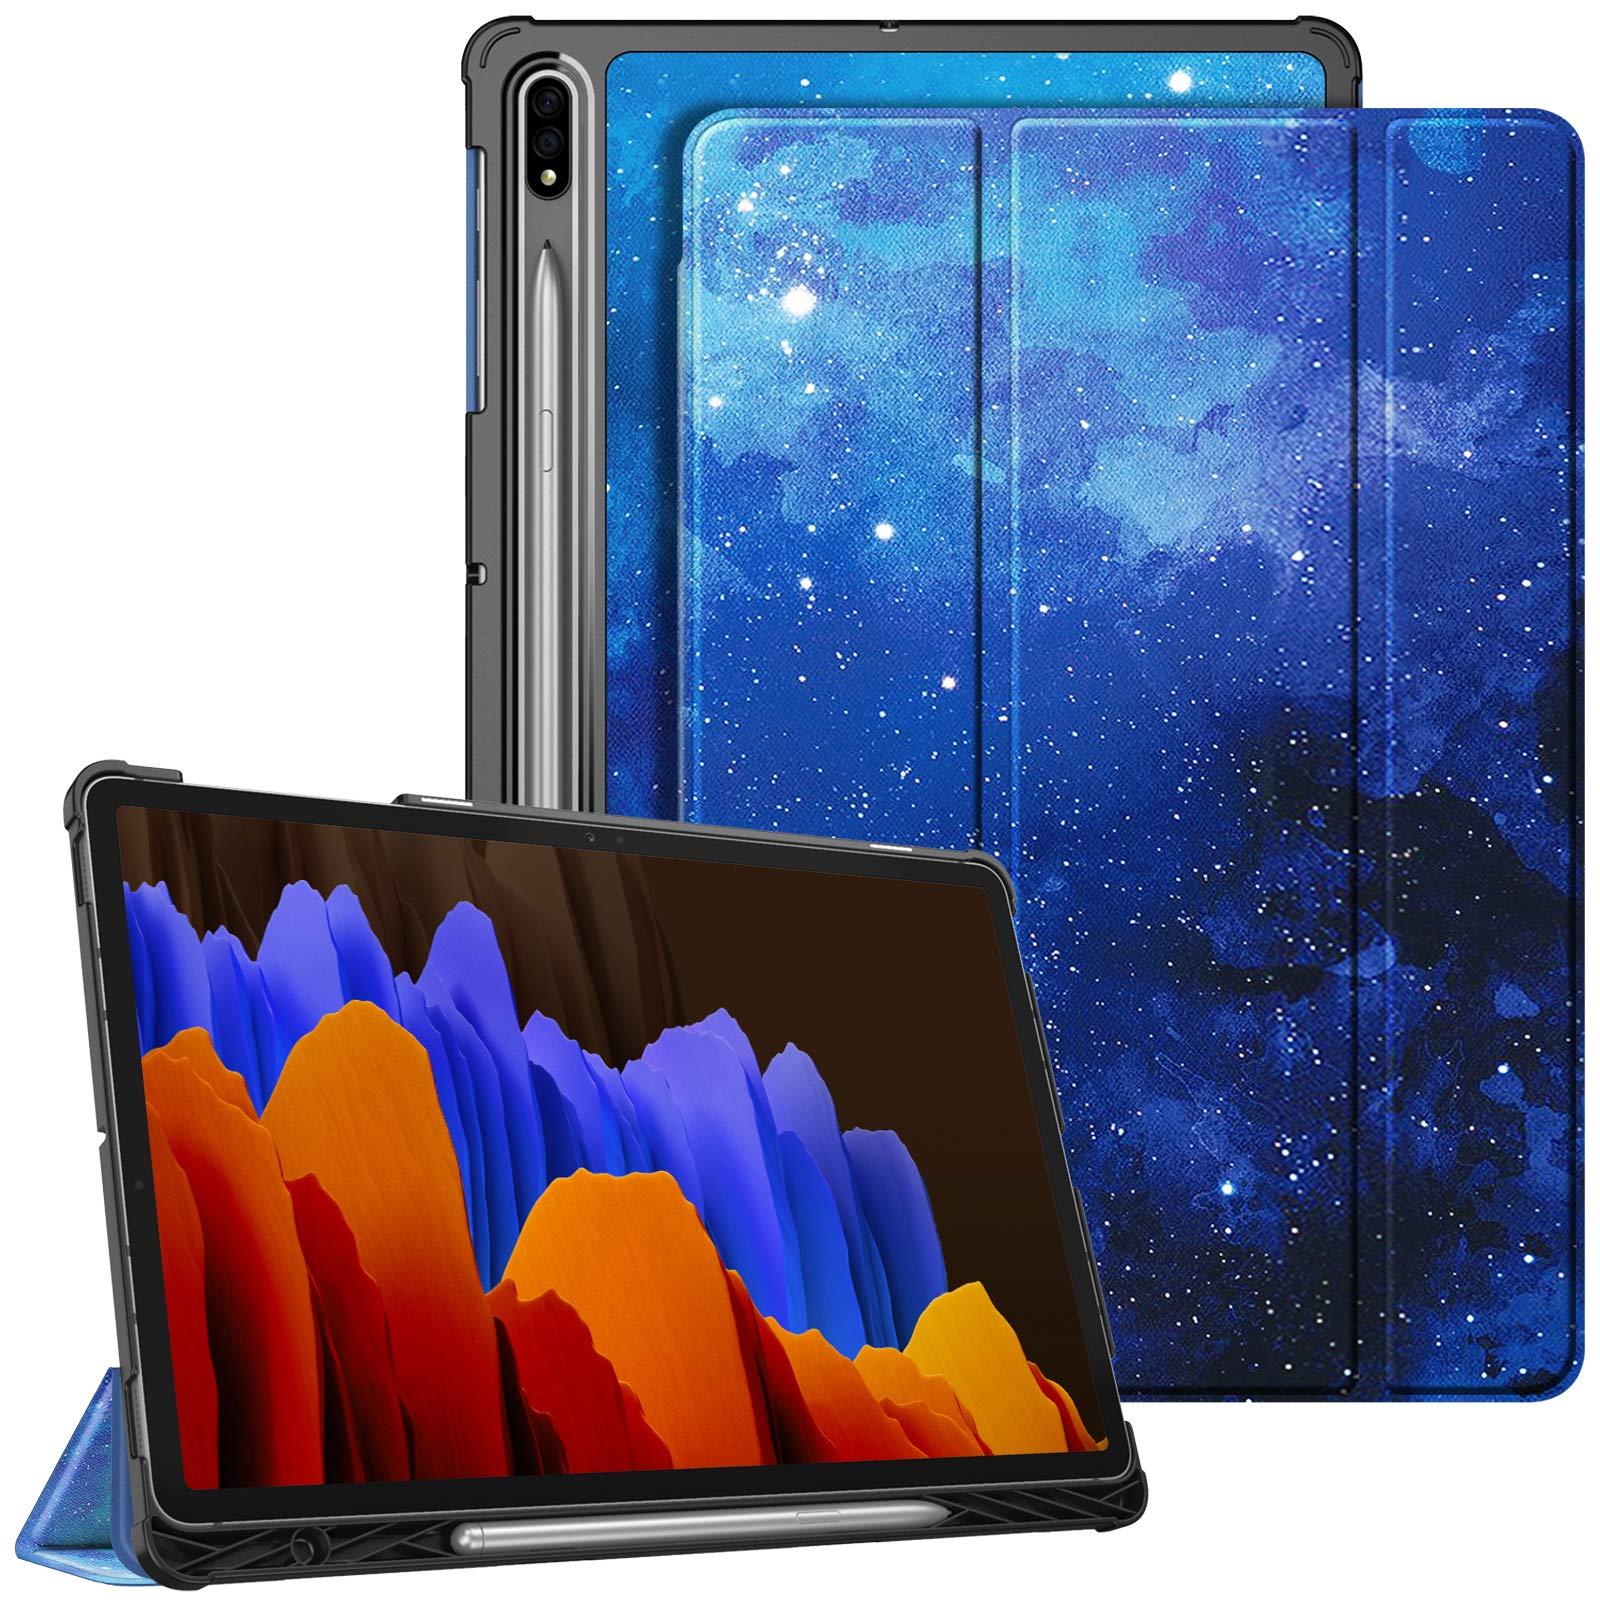 Funda para Samsung 12.4 Tab S7 Plus SM-T970 2020 Starry Sky